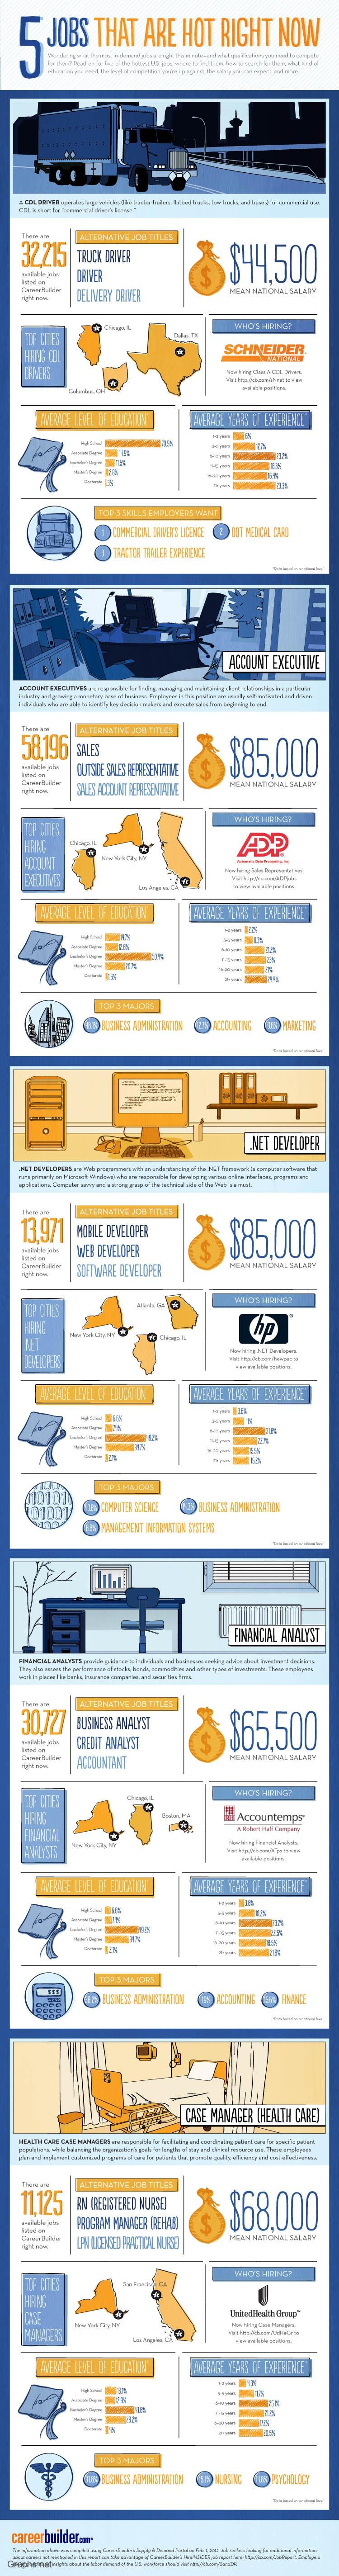 Top 5 Jobs in Demand